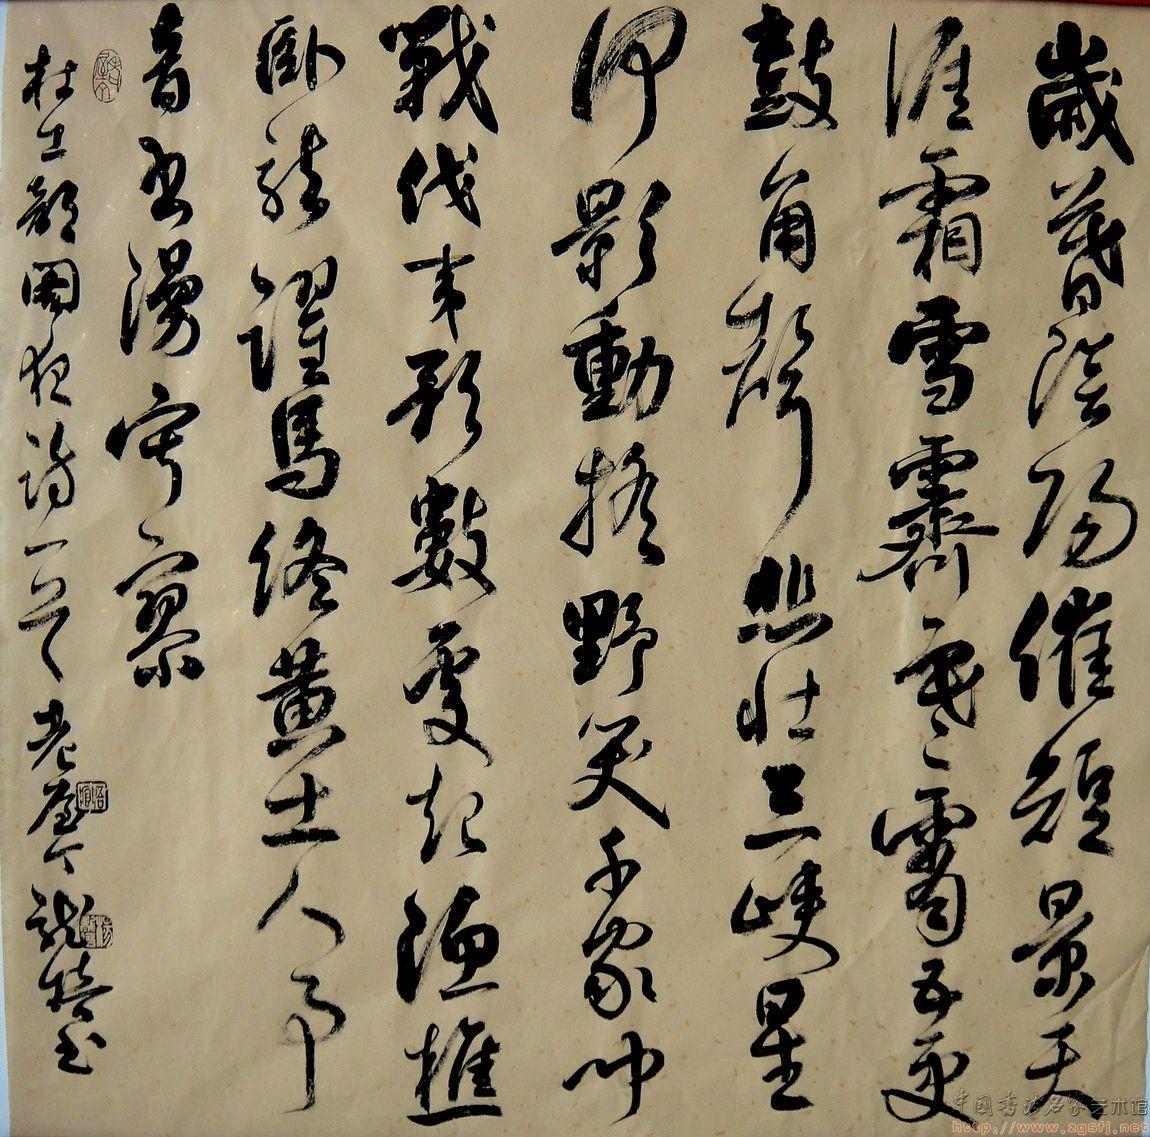 杜甫描写月亮的诗句